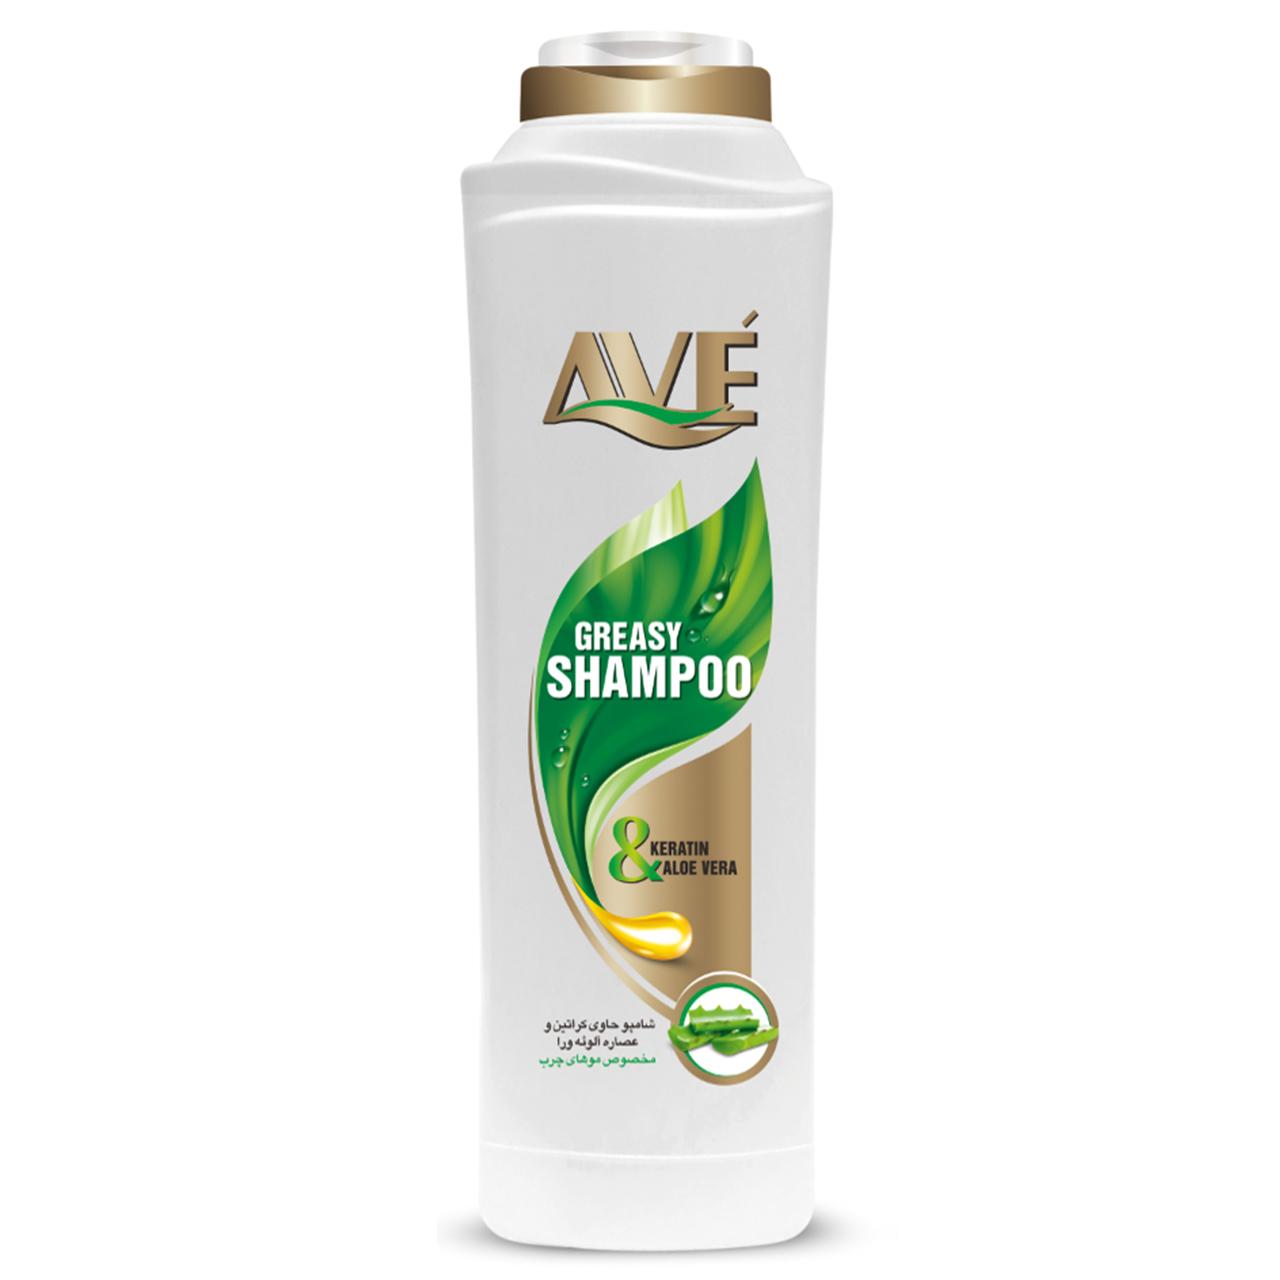 شامپو موهای چرب سبز اوه مقدار 400 گرم